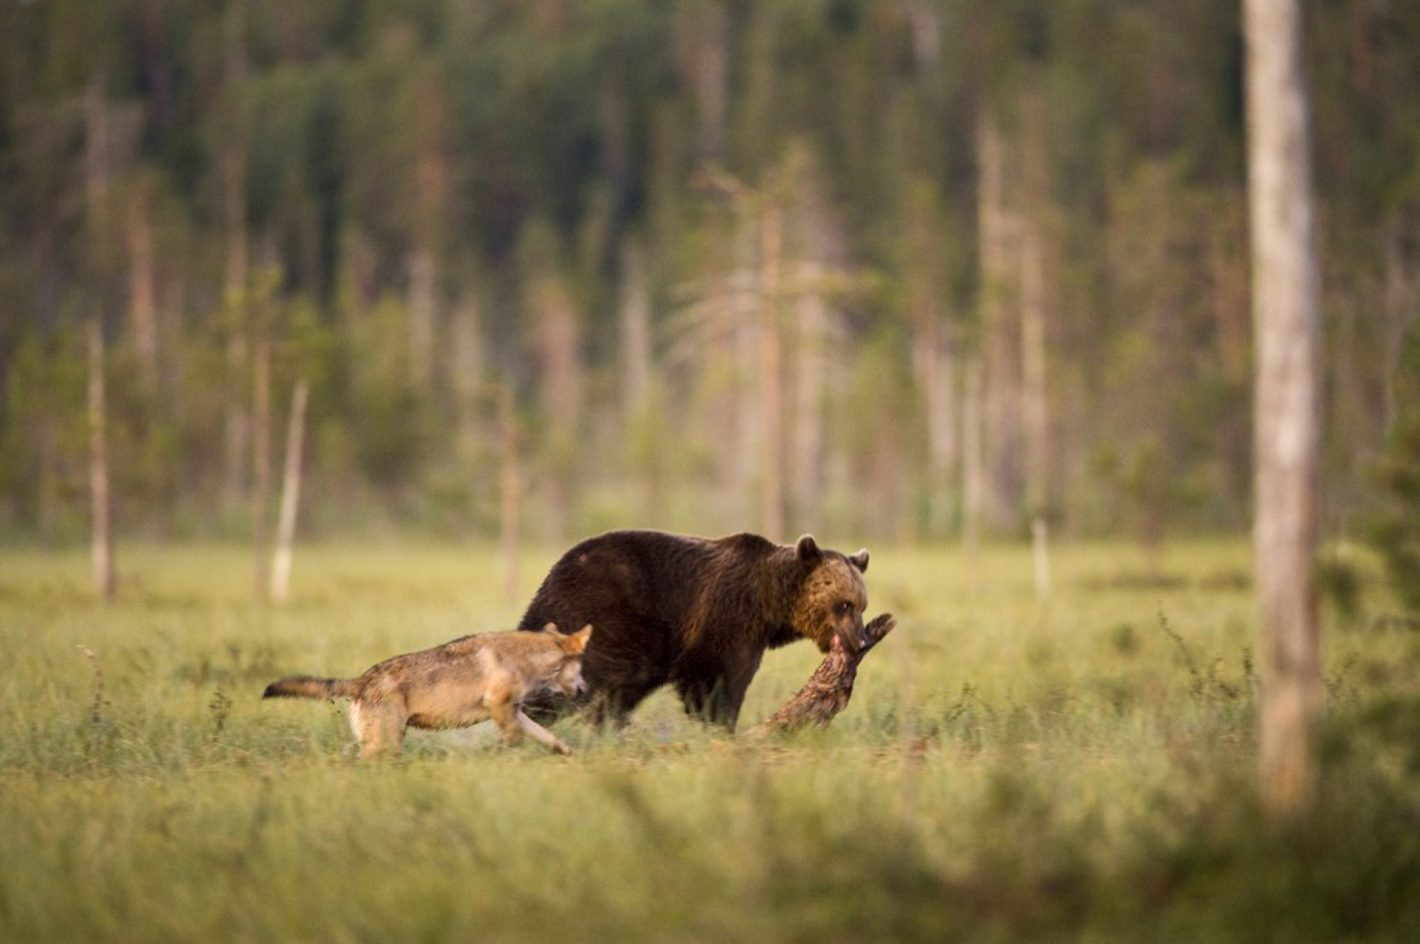 De rares photos montrent comment le jeune ours brun et la louve grise s'assoient pour manger et contempler ensemble le paysage pendant près de deux heures. Photo prise avec le Nikon D3S et l'objectif 600 mm + 1,7x f/6.7 | 1/60 s | 1600 ISO, le 16/09/2012 à 18h15 ©Lassi Rautiainen